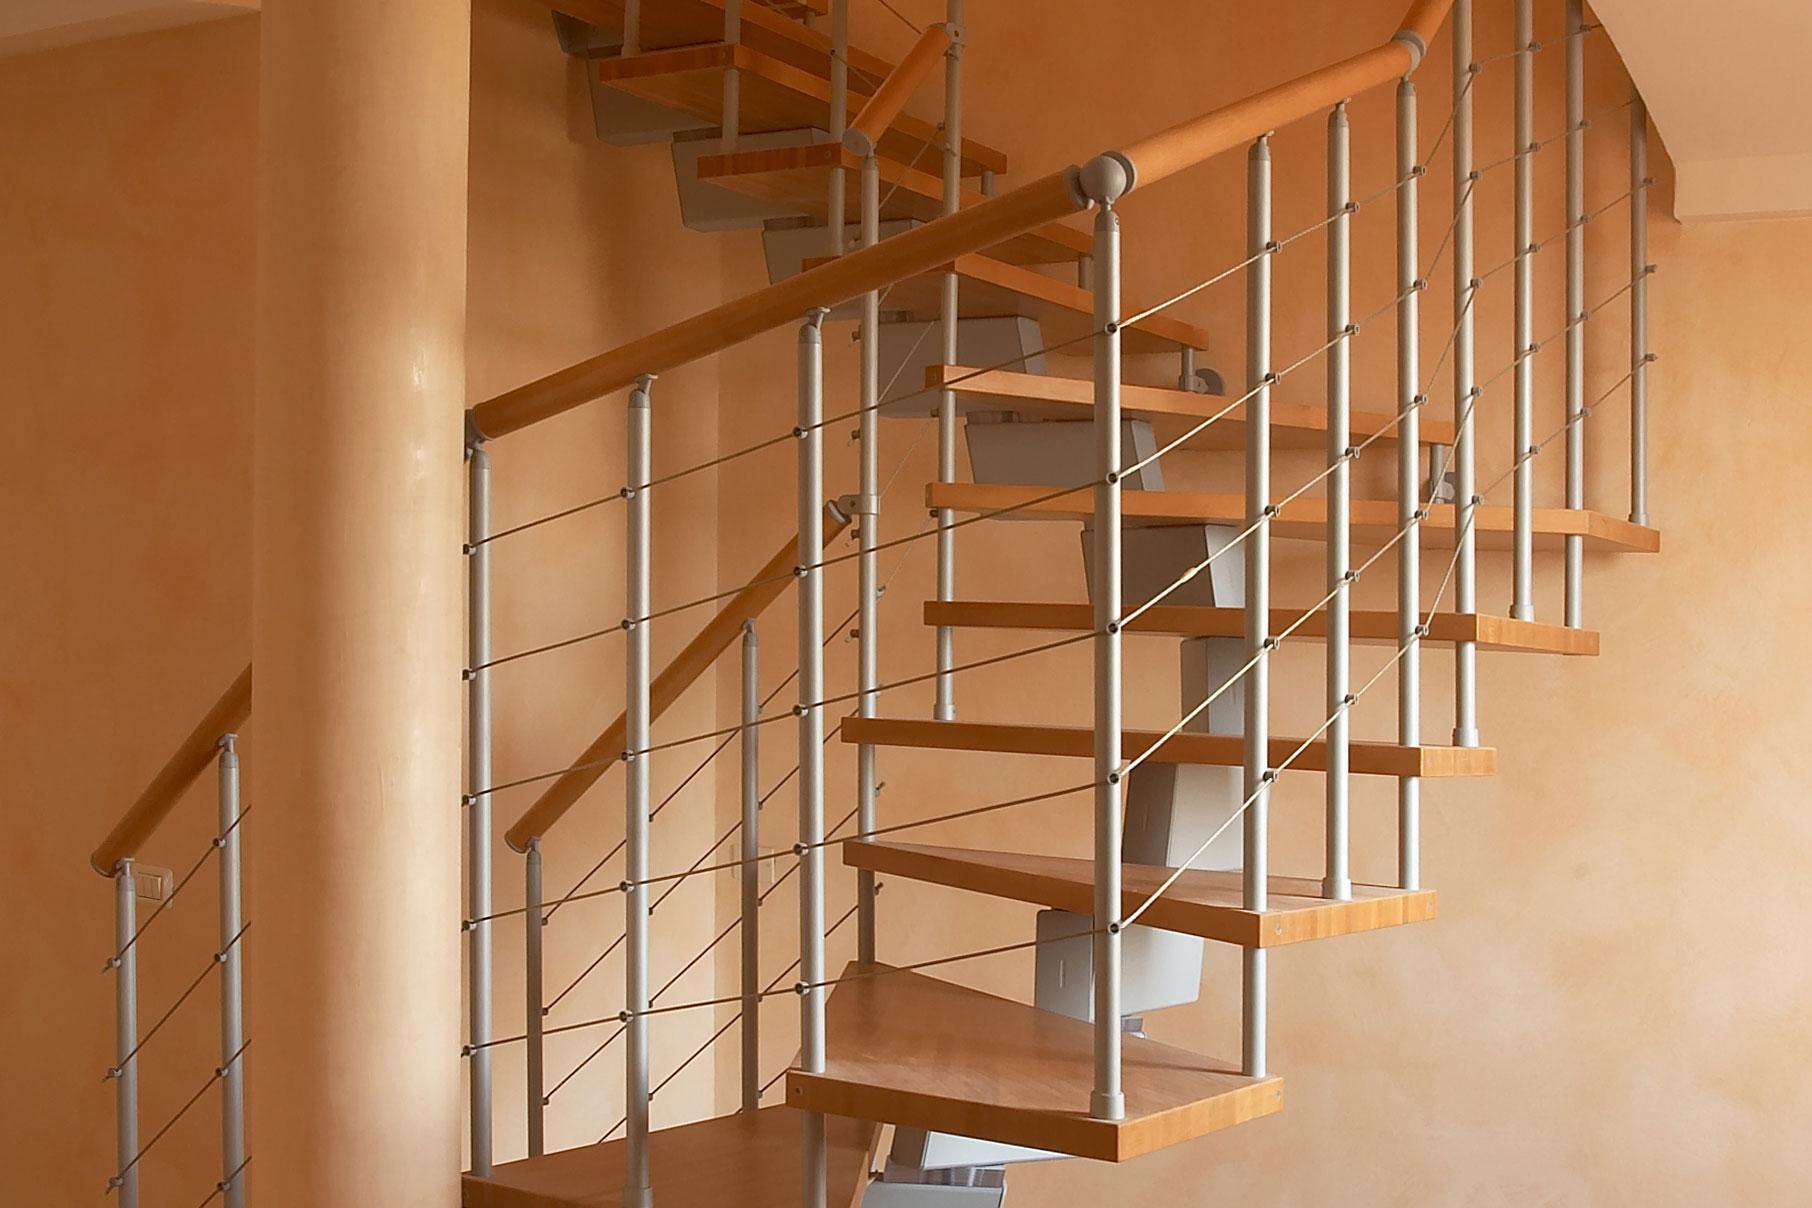 Vendita scale per interni su misura modena e provincia - Scale per interni catania ...